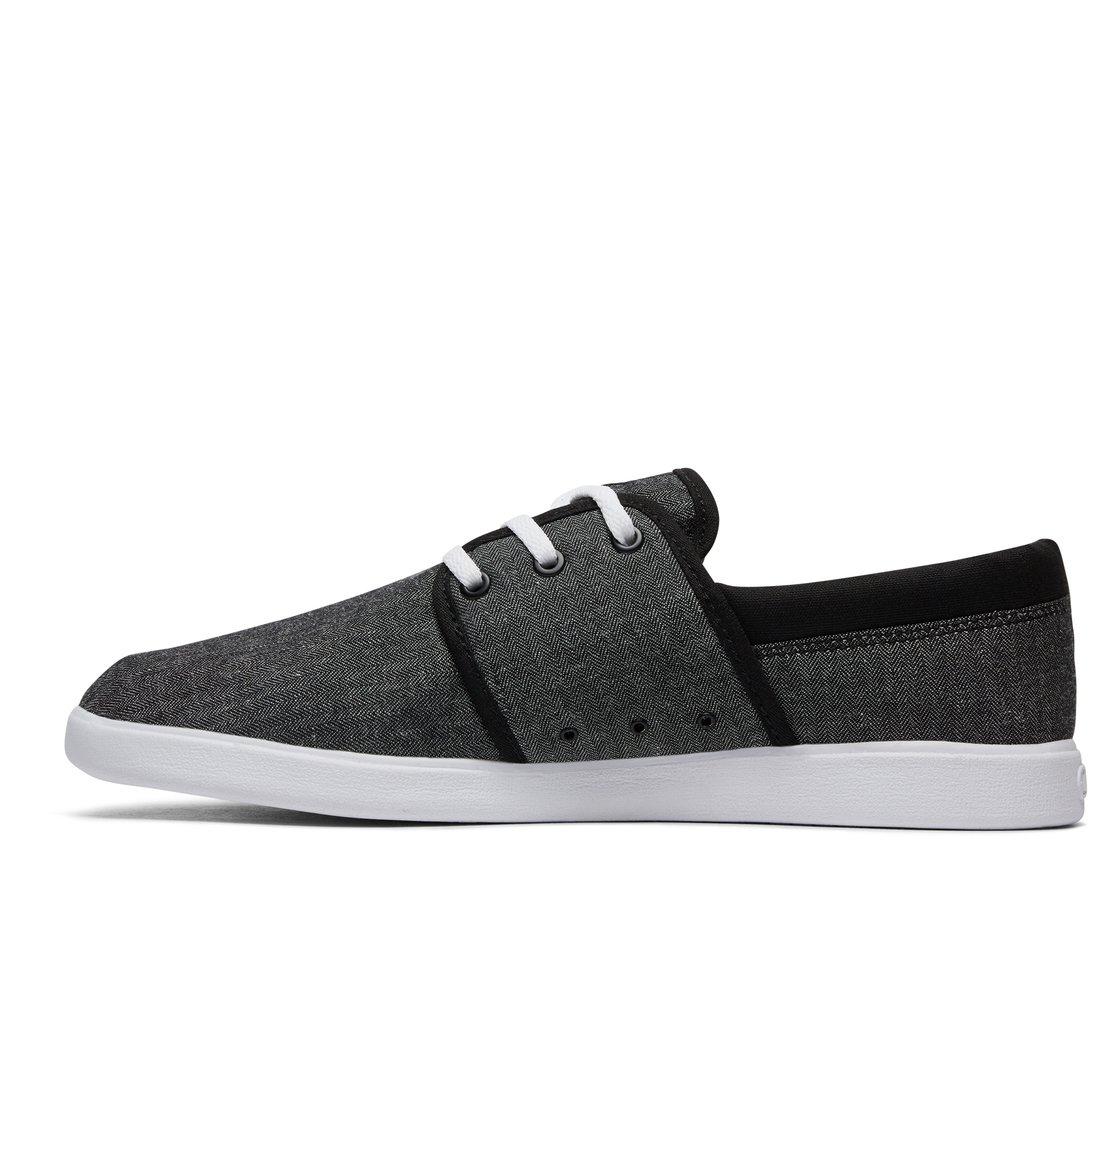 dc shoes Haven TX SE - Scarpe da Uomo - Gray - DC Shoes